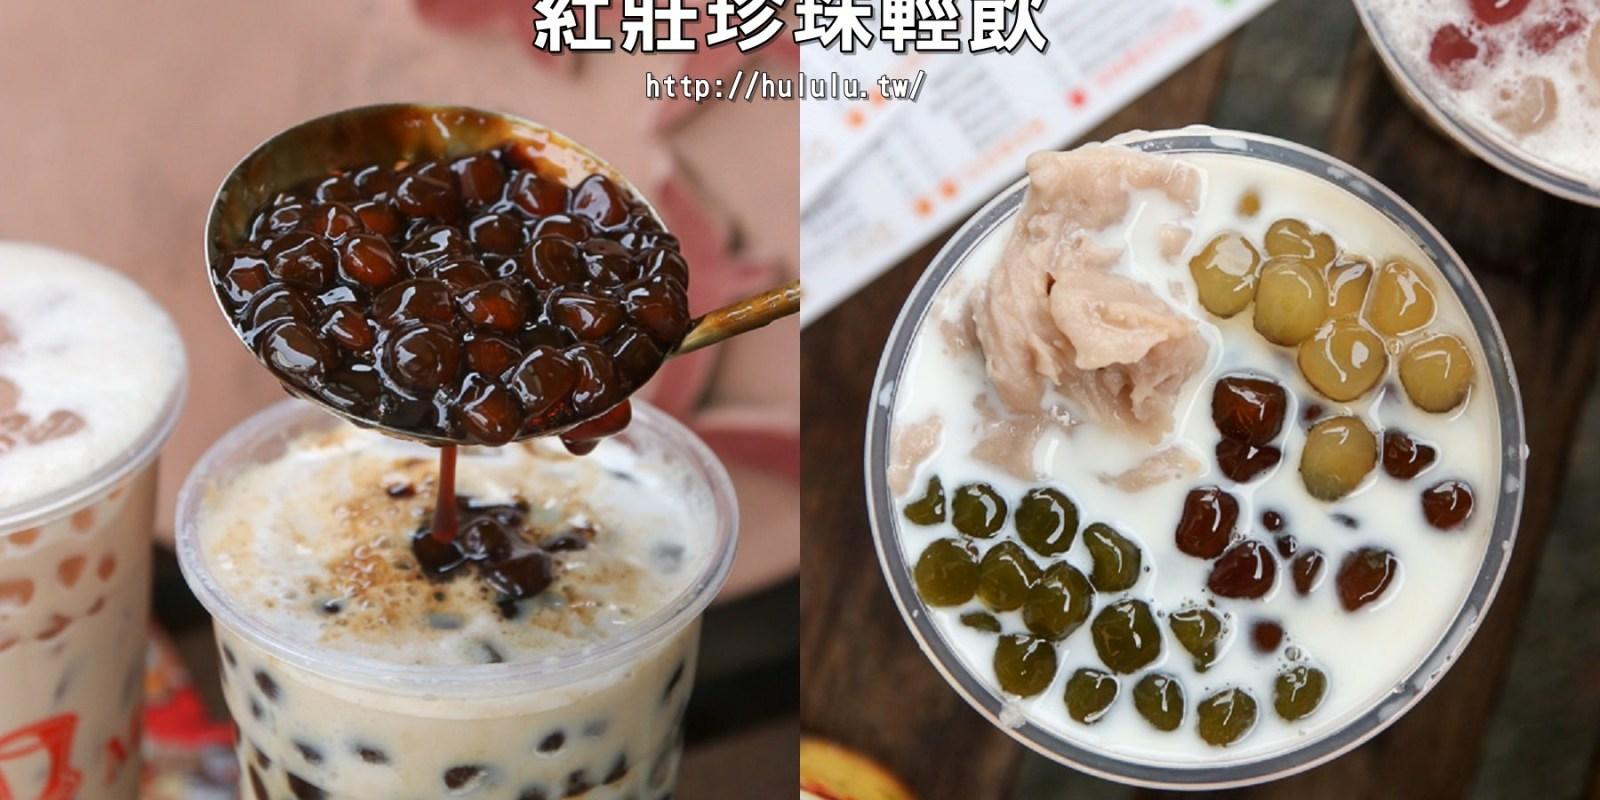 台南美食飲品 新鮮食材手作的珍珠風味,芋見珍愛讓你喝飲料也能遇真愛!「葒莊珍珠輕飲」南科|外送